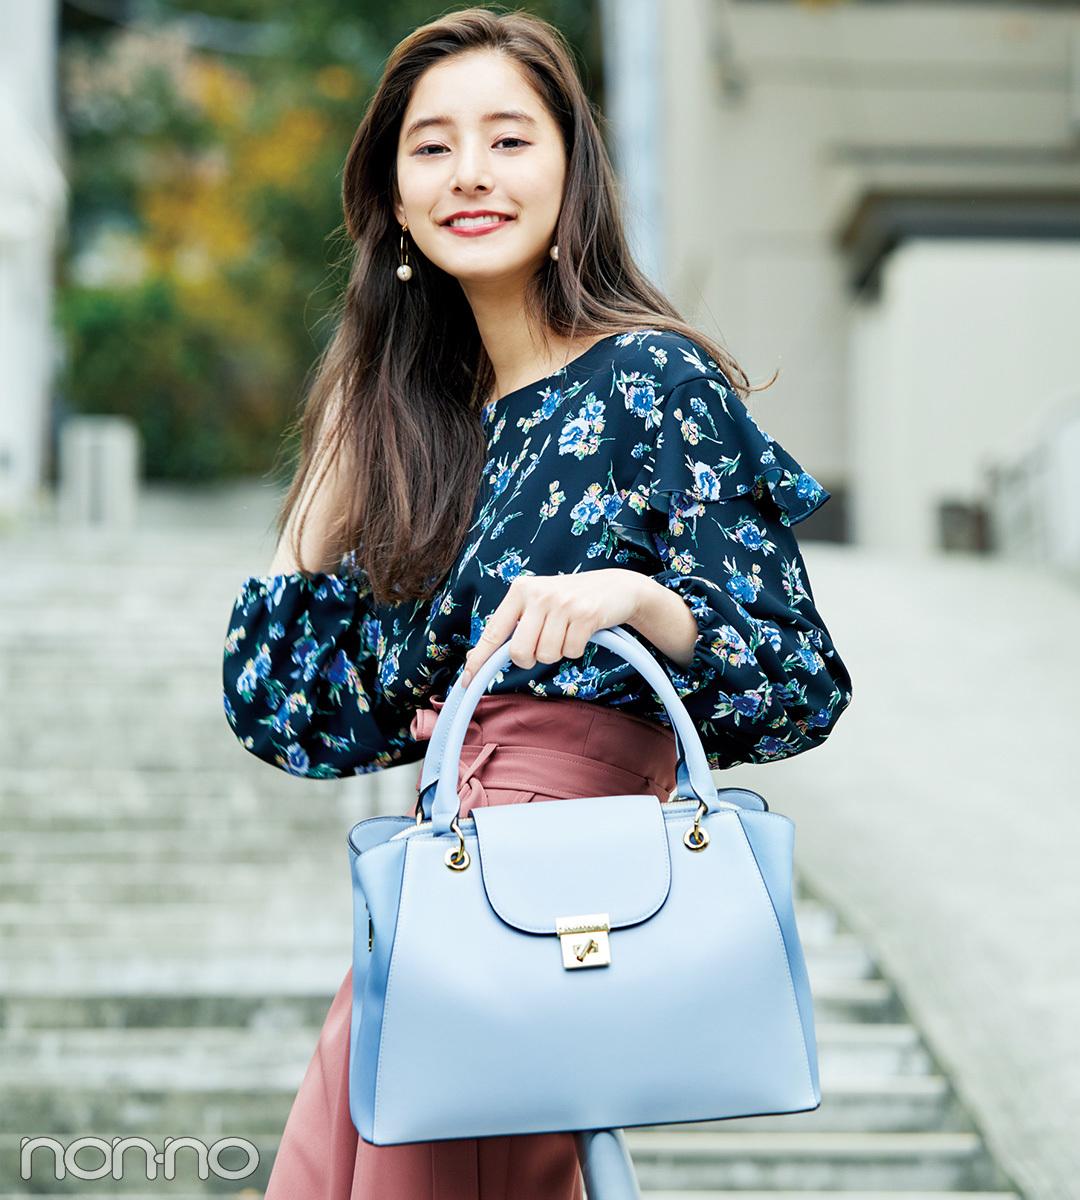 通学にも通勤にも使えるキレイ色バッグが欲しい! 機能も抜群のA4トートはコチラ♡ _1_1